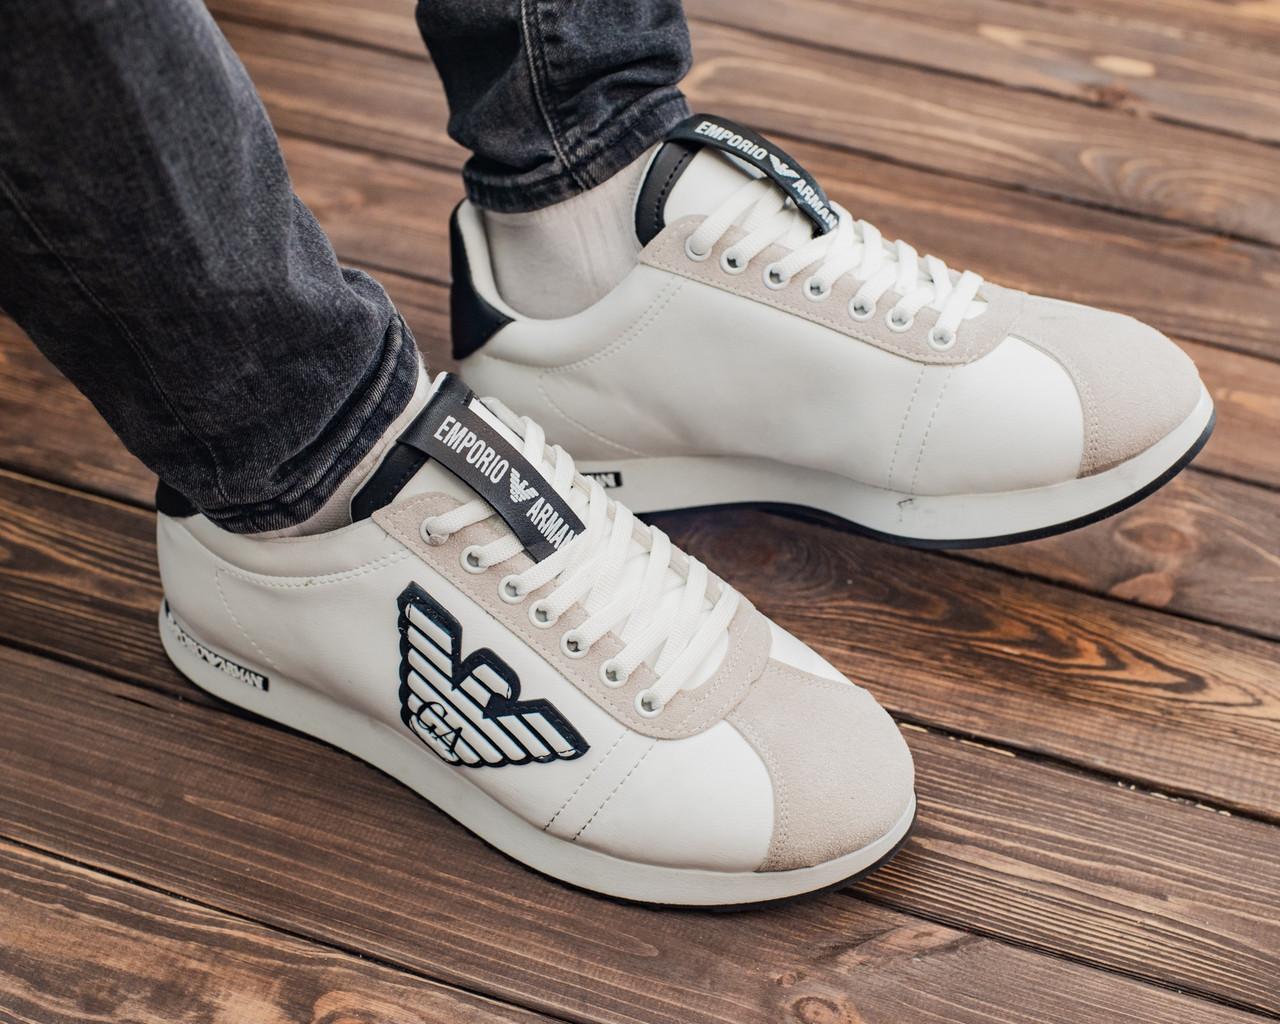 Мужские кроссовки Emporio Armani, мужские кроссовки эмпорио армани, чоловічі кросівки Emporio Armani